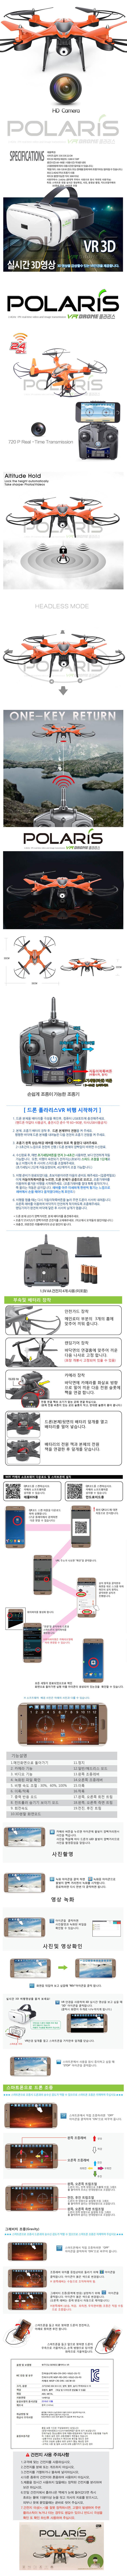 데코앤 폴라리스 VR WIFI 카메라 드론 무선조정 헬기 비행기 - 두로카리스마, 260,000원, R/C 드론/쿼드콥터, 드론